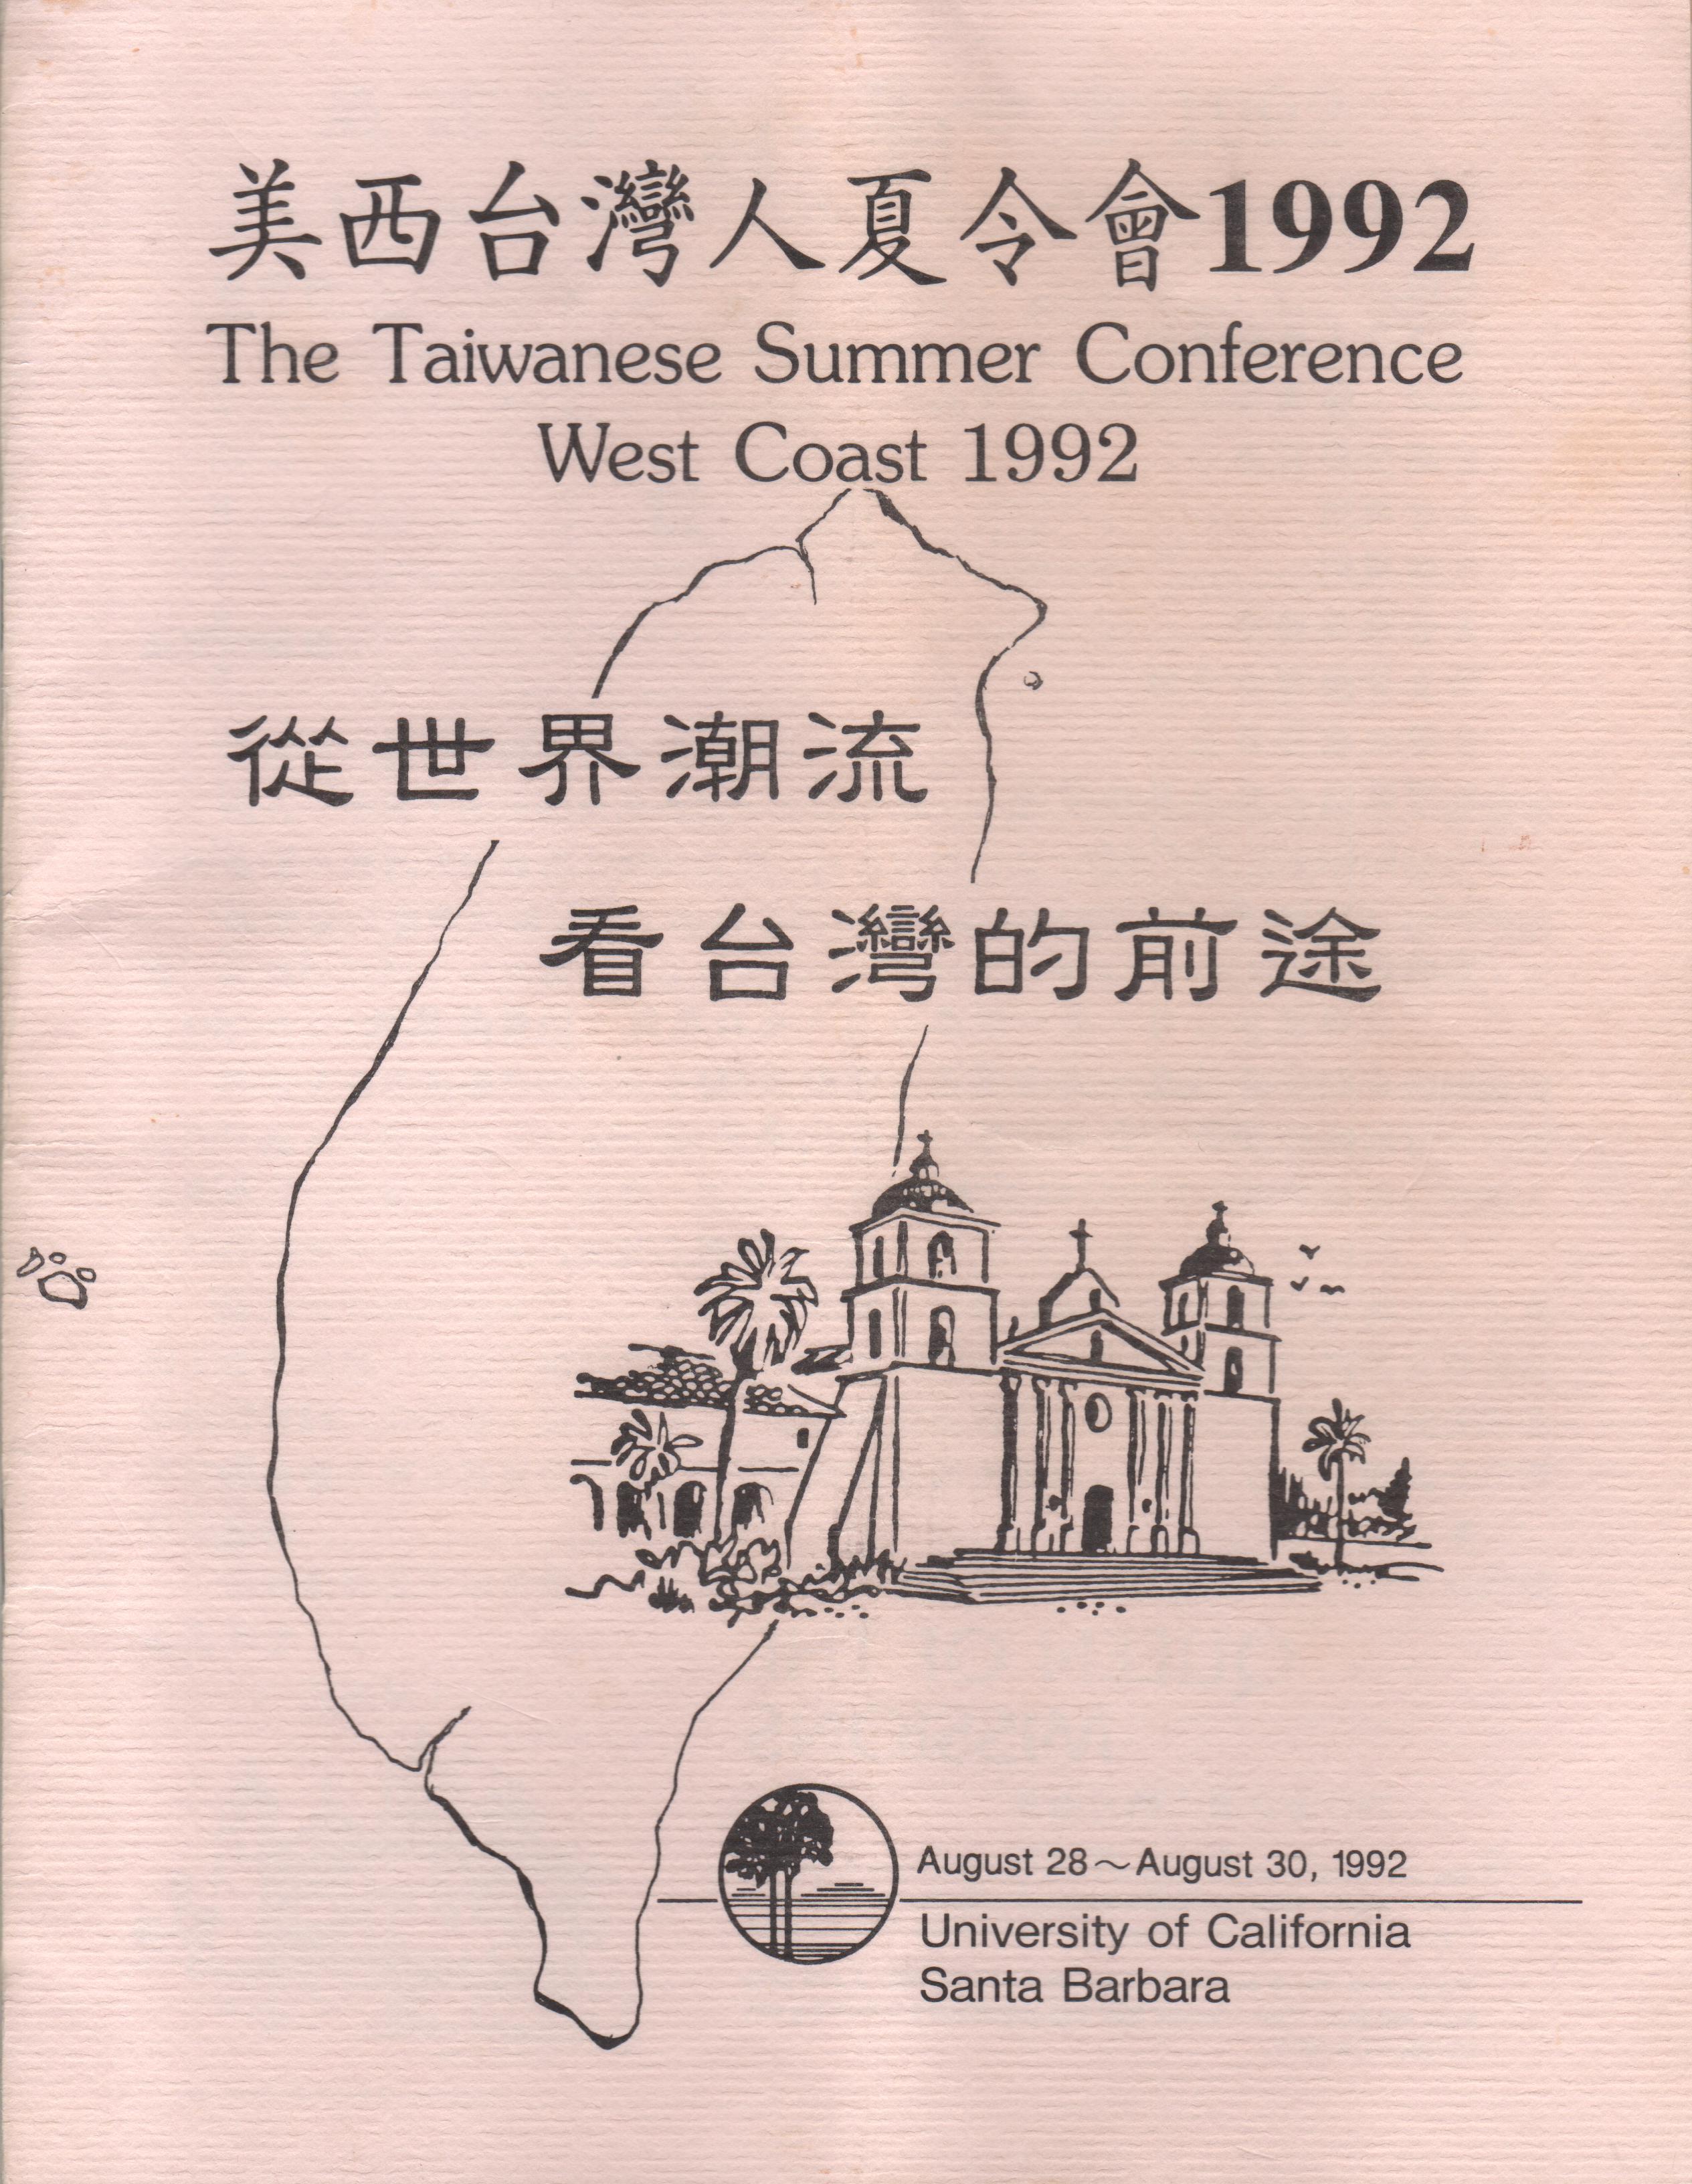 TACWC 1992